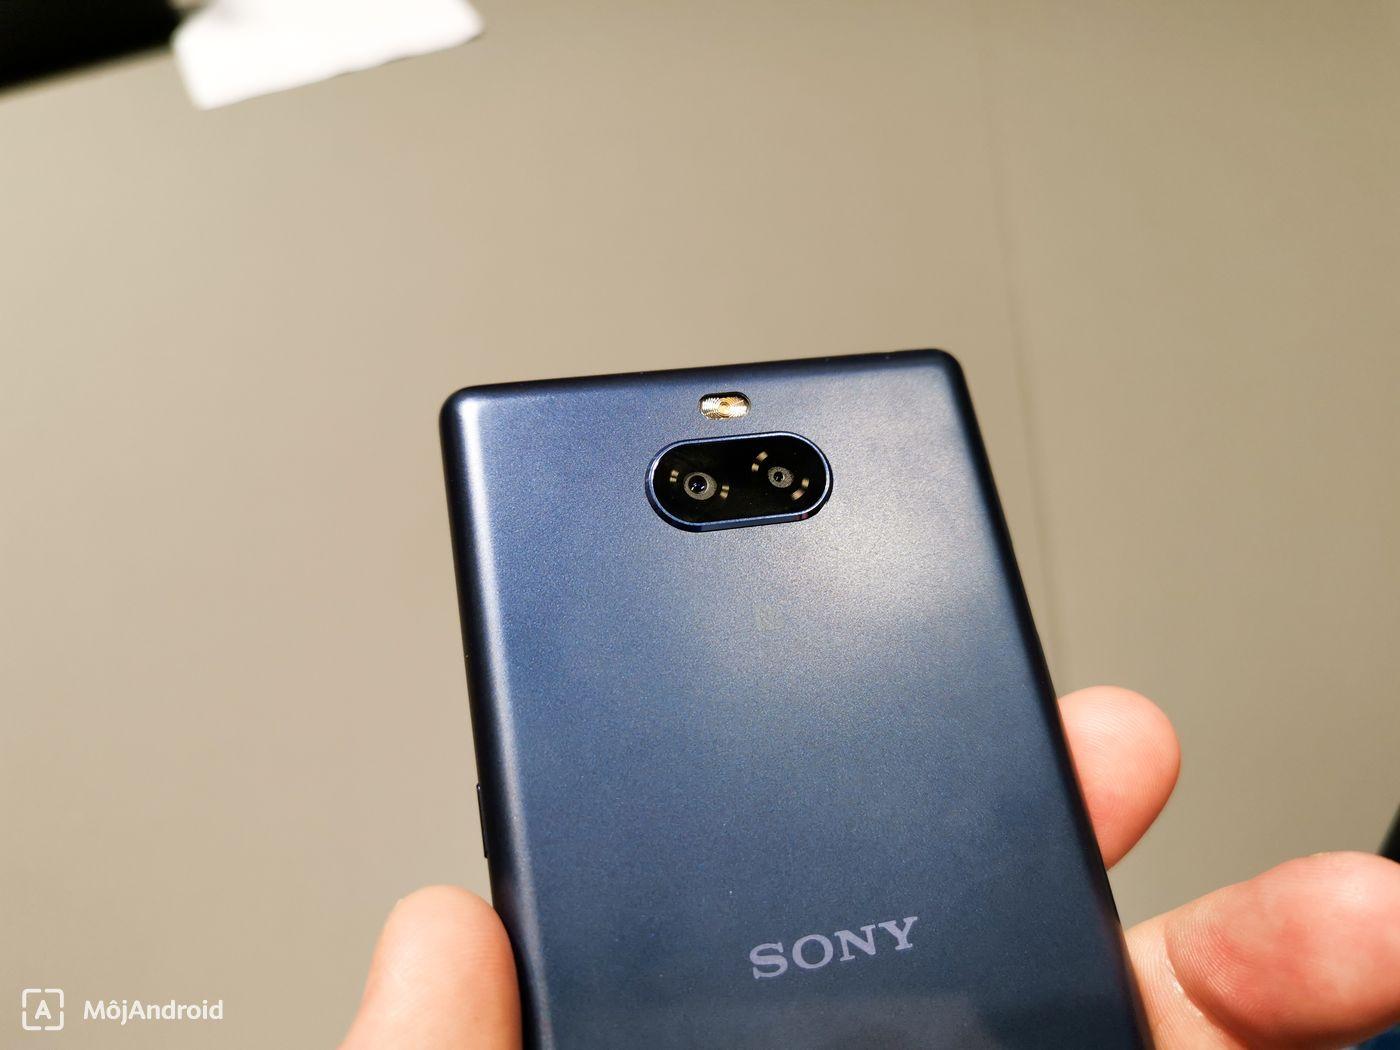 b58de58b1 Telefón podporuje 18 W rýchle nabíjanie a kapacita batérie je len 2870 mAh.  Uvidíme, aká bude reálna výdrž novinky.